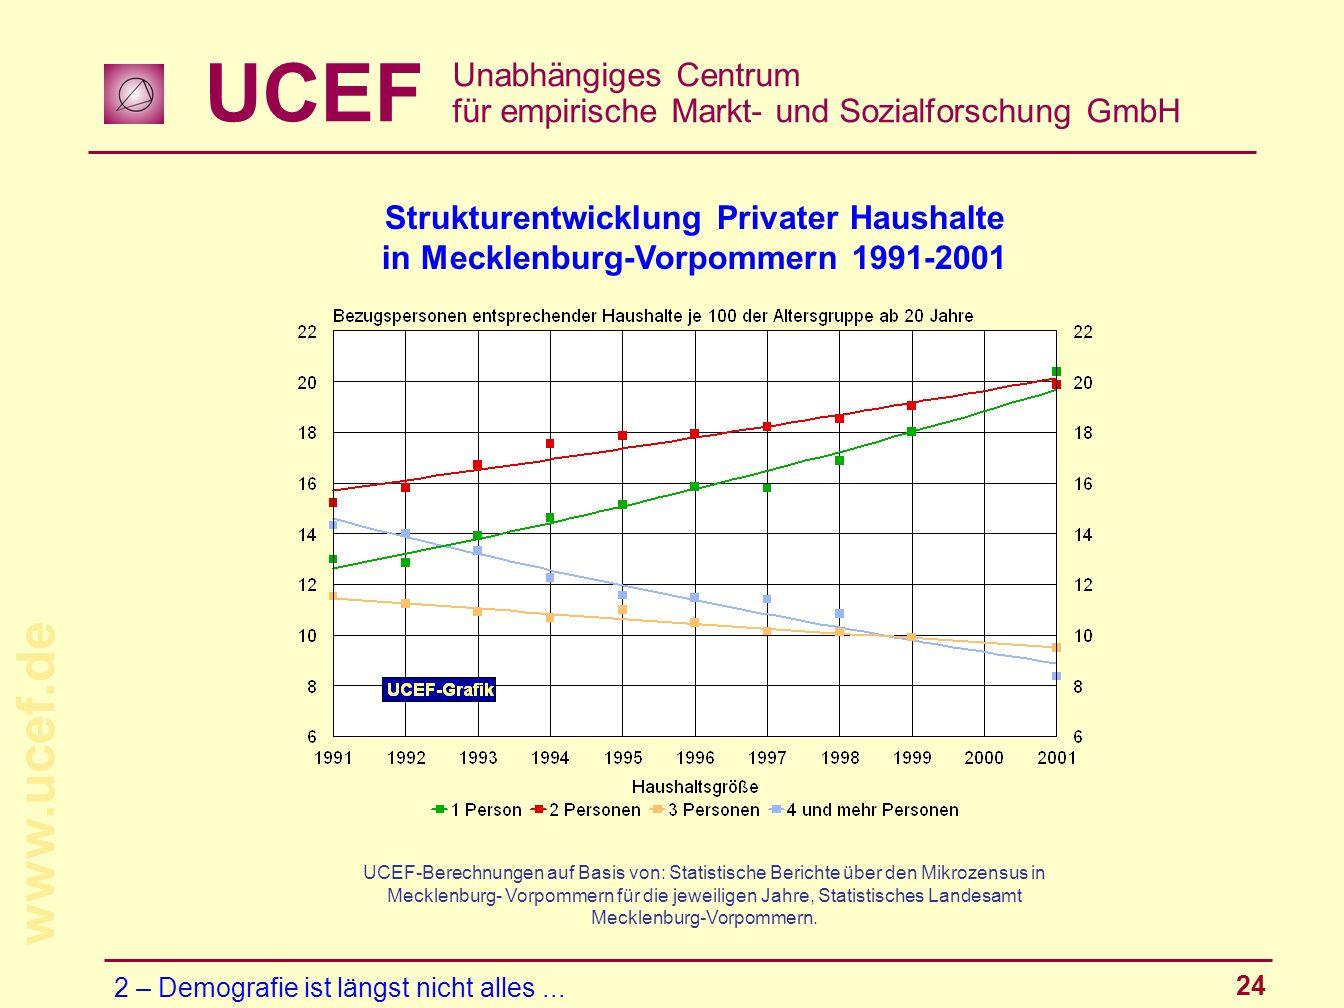 UCEF Unabhängiges Centrum für empirische Markt- und Sozialforschung GmbH www.ucef.de 24 Strukturentwicklung Privater Haushalte in Mecklenburg-Vorpomme